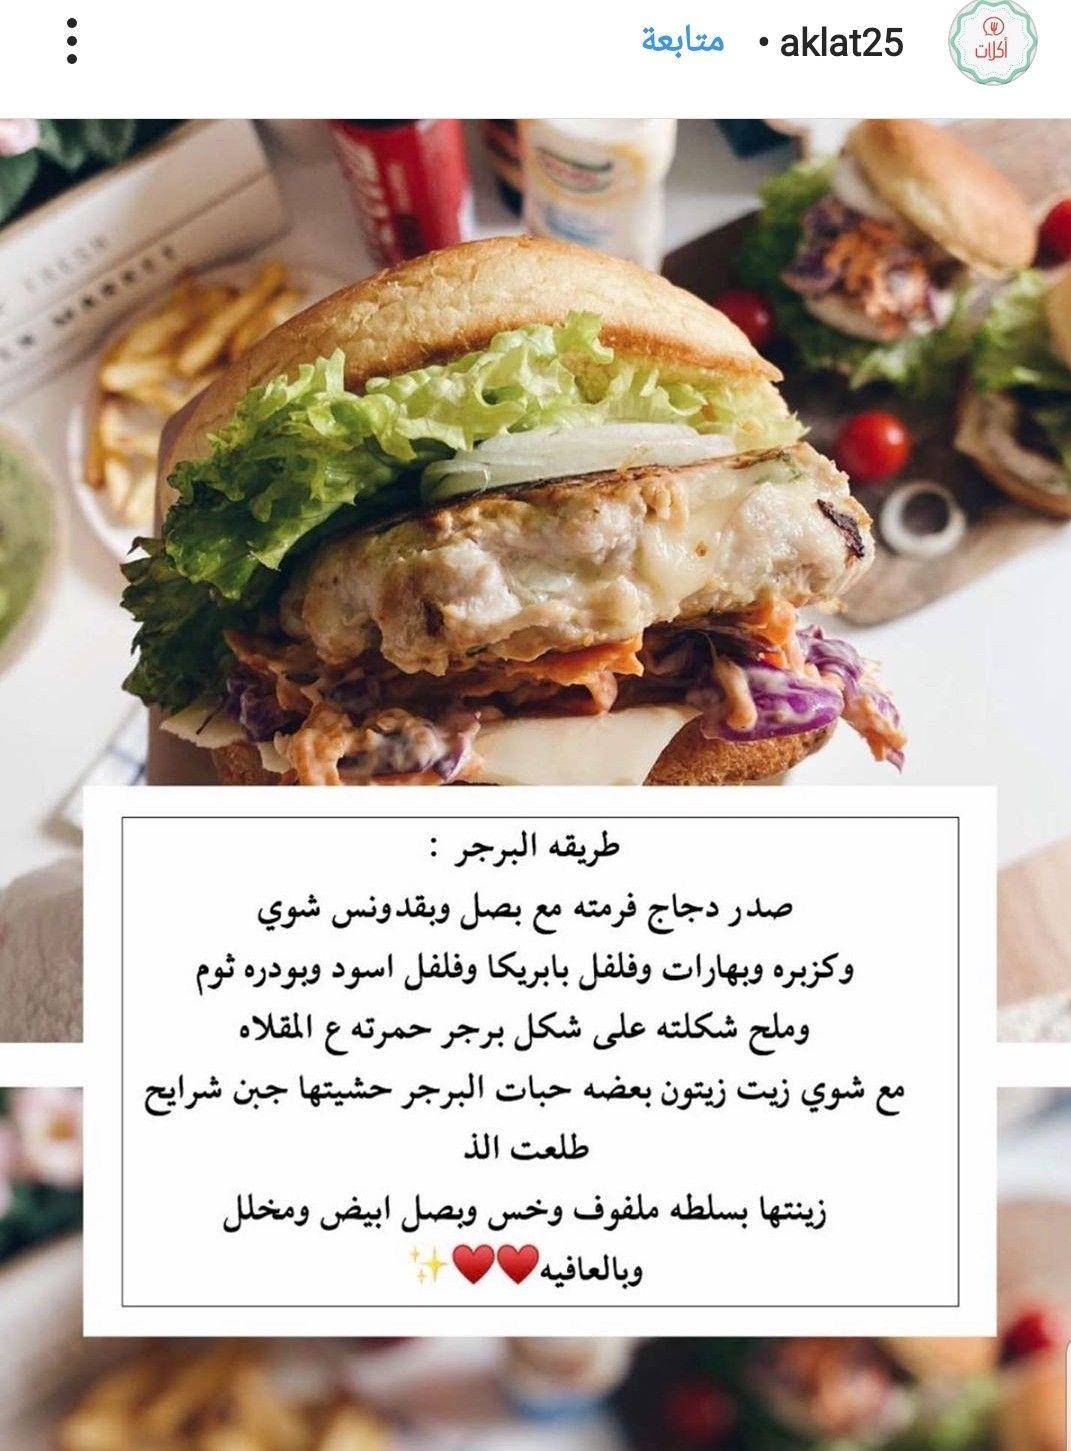 برجر من صدور الدجاج Cookout Food Diy Food Recipes Food Dishes